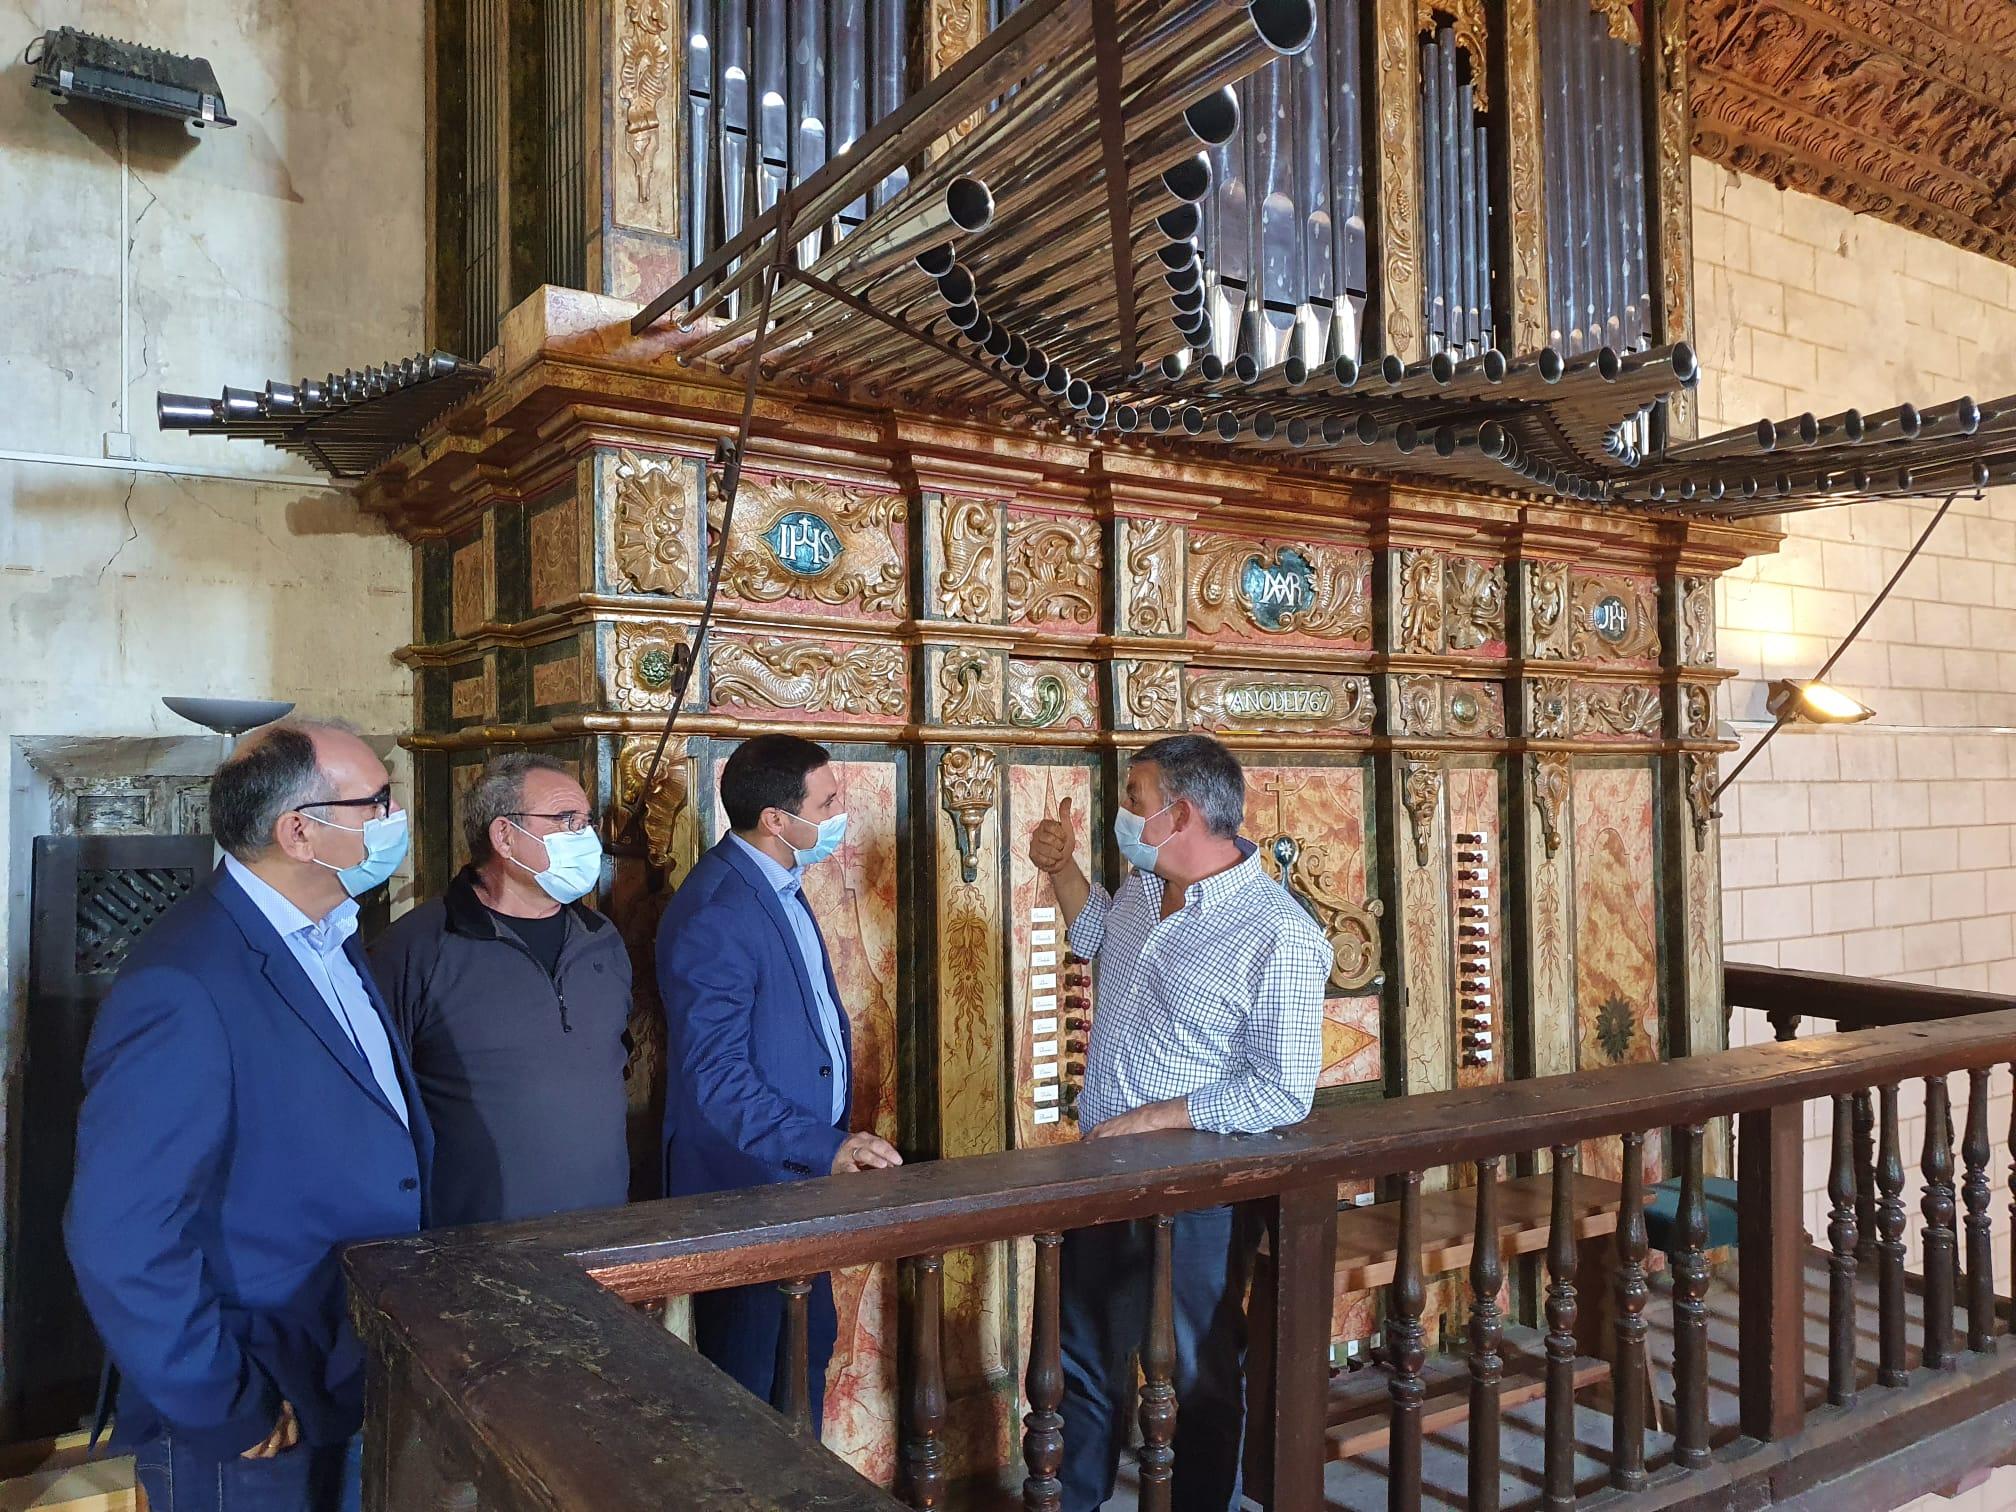 La Diputación concede una ayuda de 40.000 euros para reformar el frontón y construir un rocódromo en Cardenete